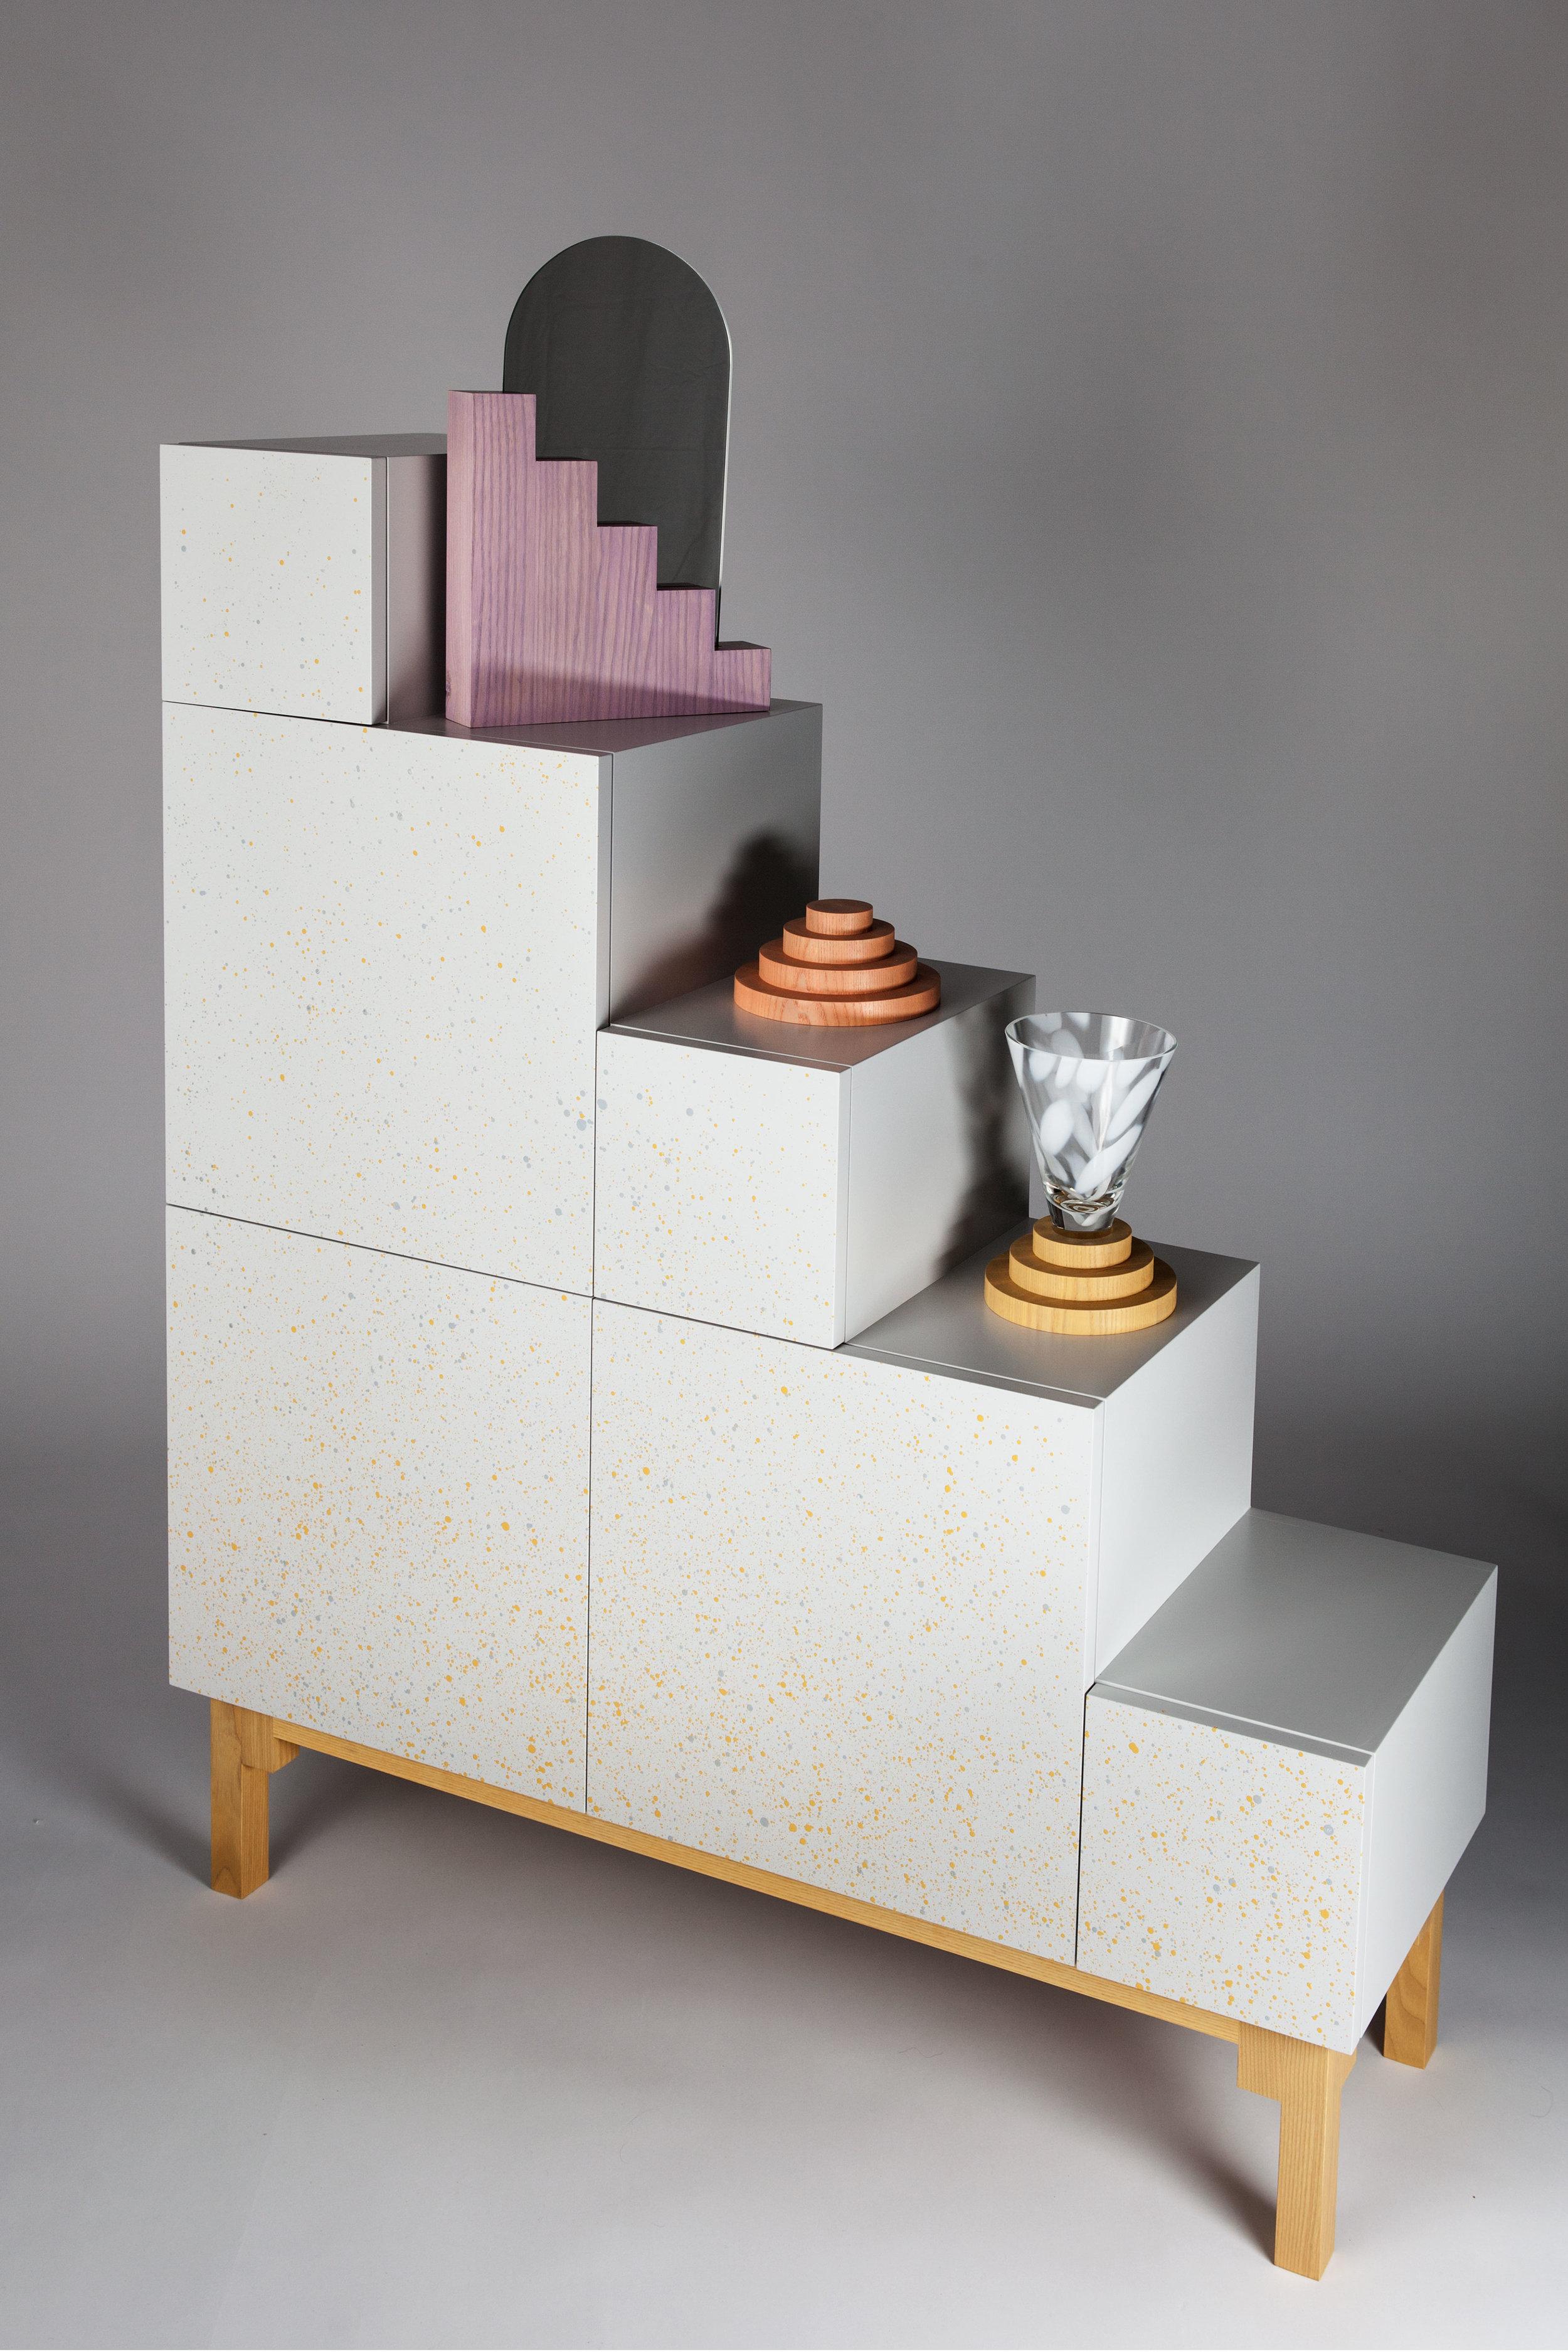 STAIRS-drawer_by_PetraLilja.jpg